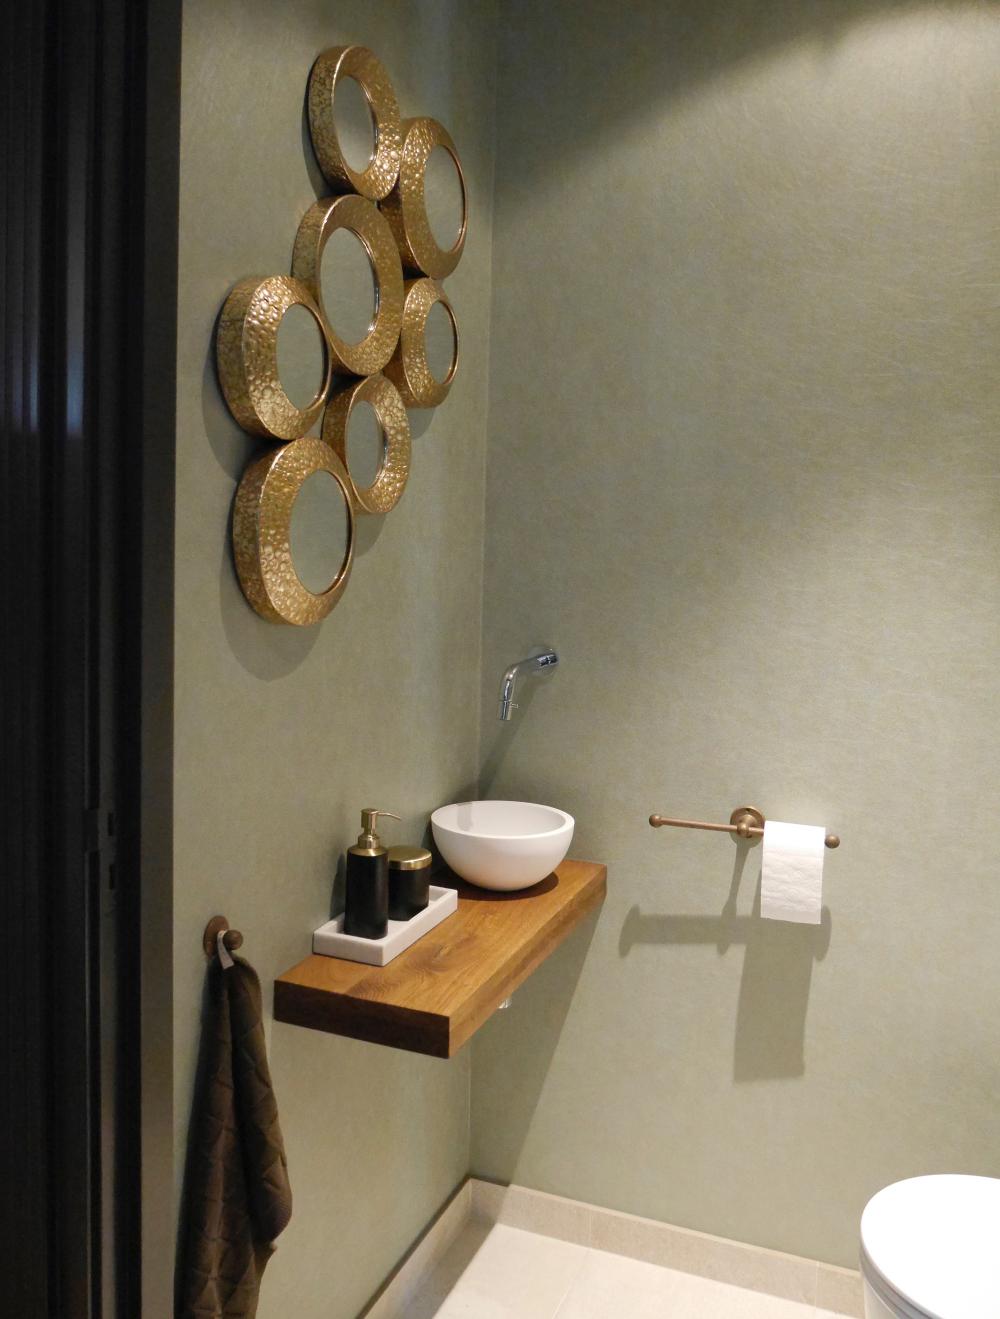 Goud & comfort in de badkamer   vtwonen